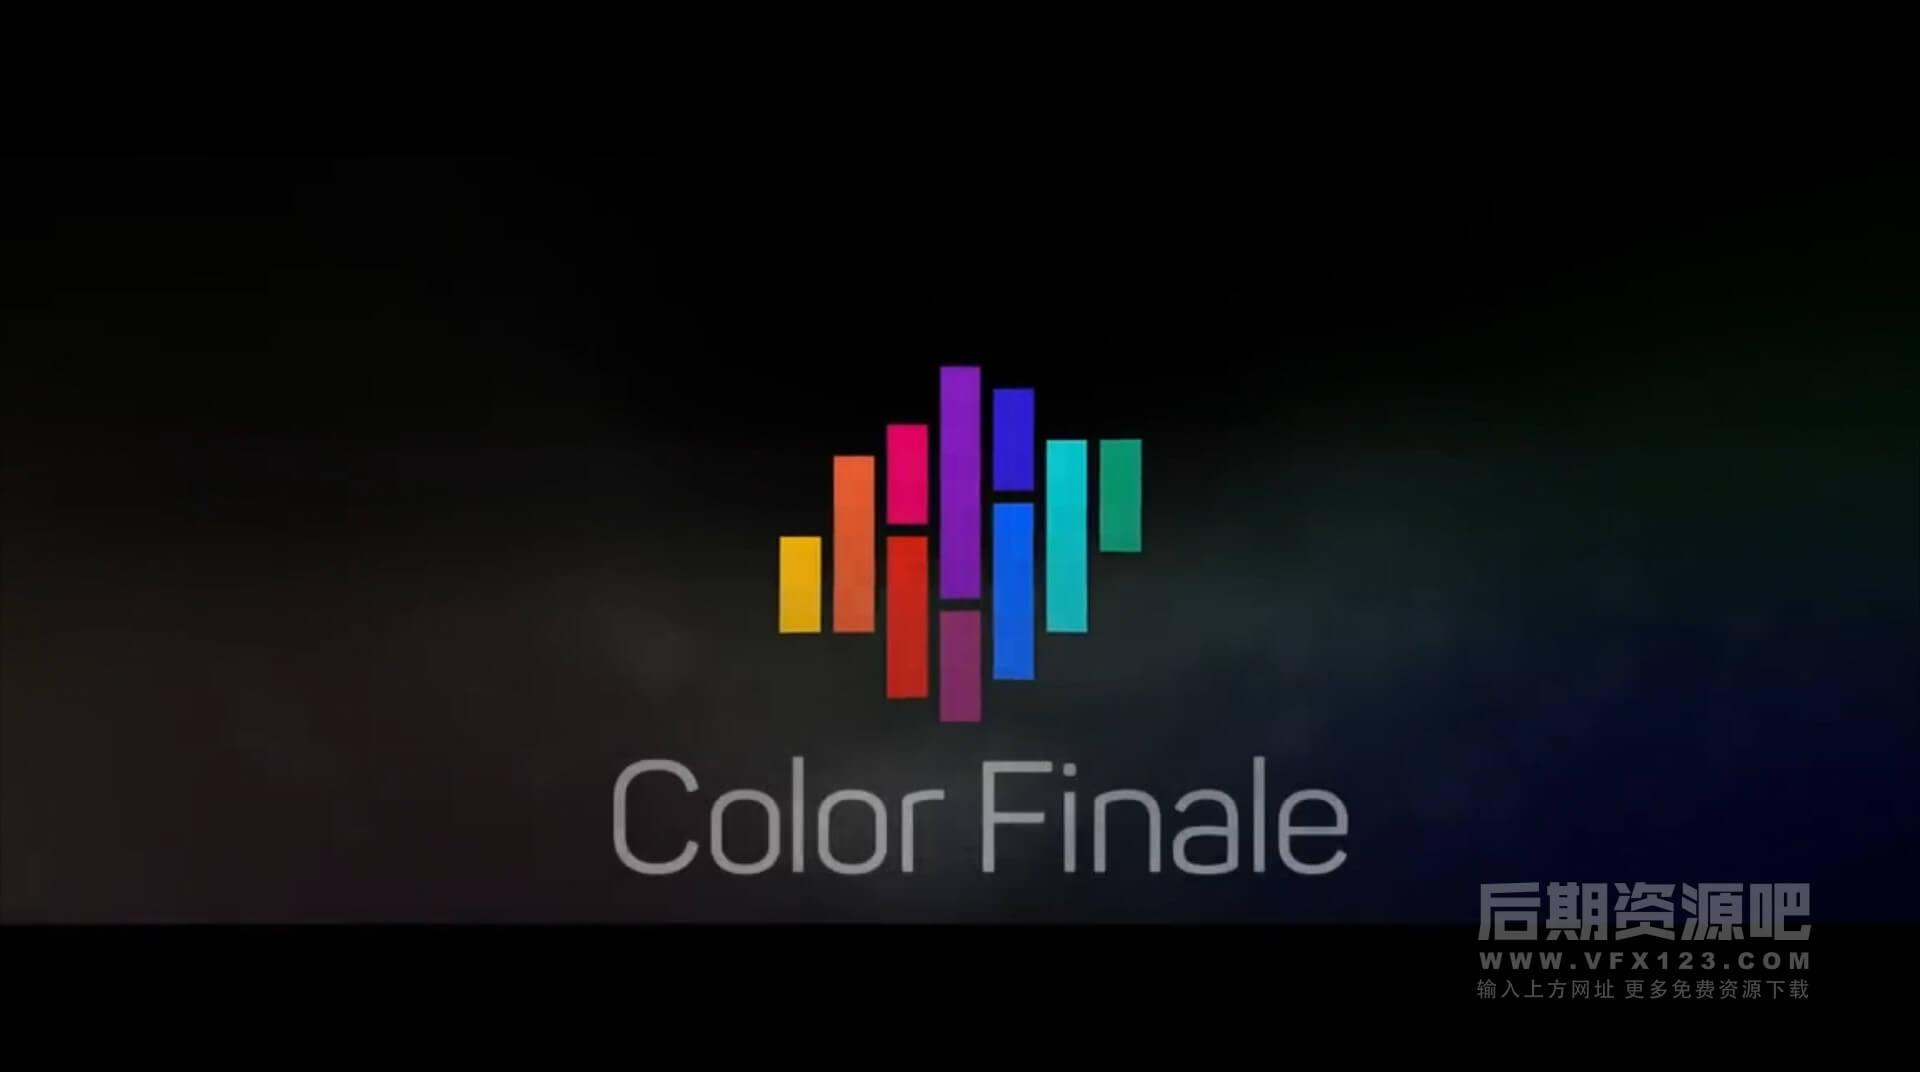 FCPX插件 专业视频分级调色插件 Color Finale Pro 1.9.4 支持LUT + 使用教程